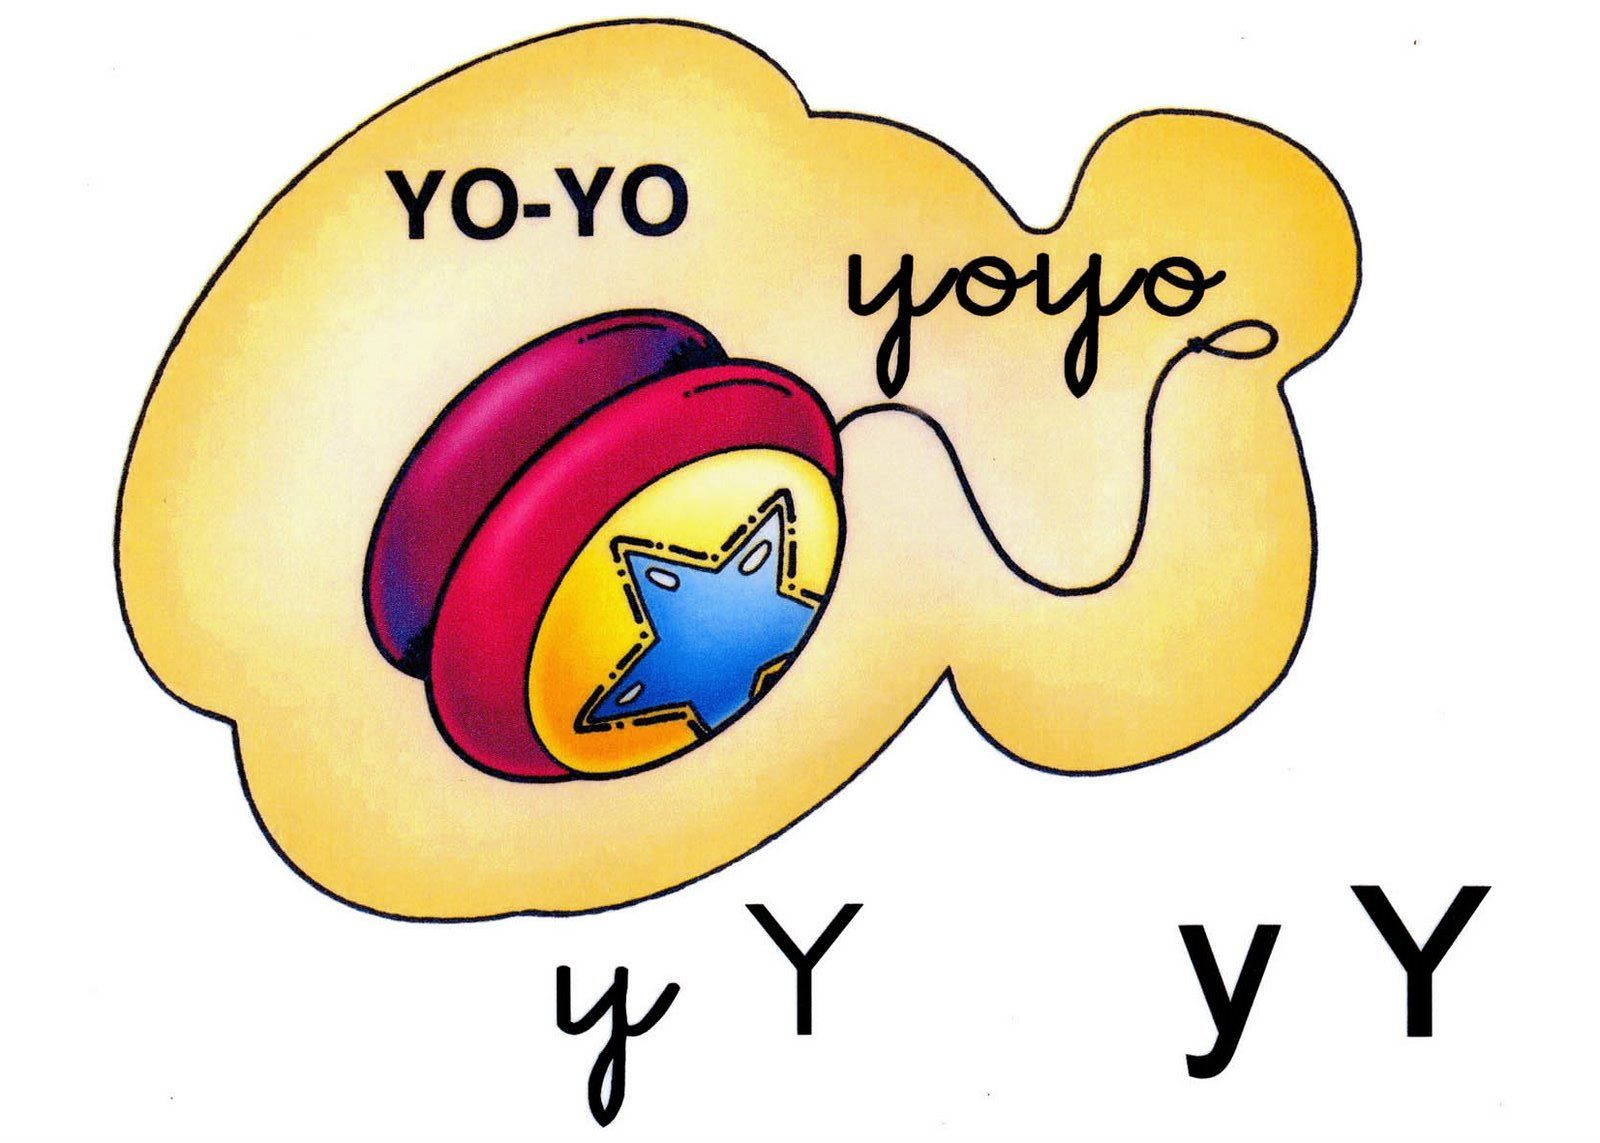 Letra Y Minuscula Y Mayuscula Yoyo Abecedario Letras Del Abecedario Abecedario Infantil